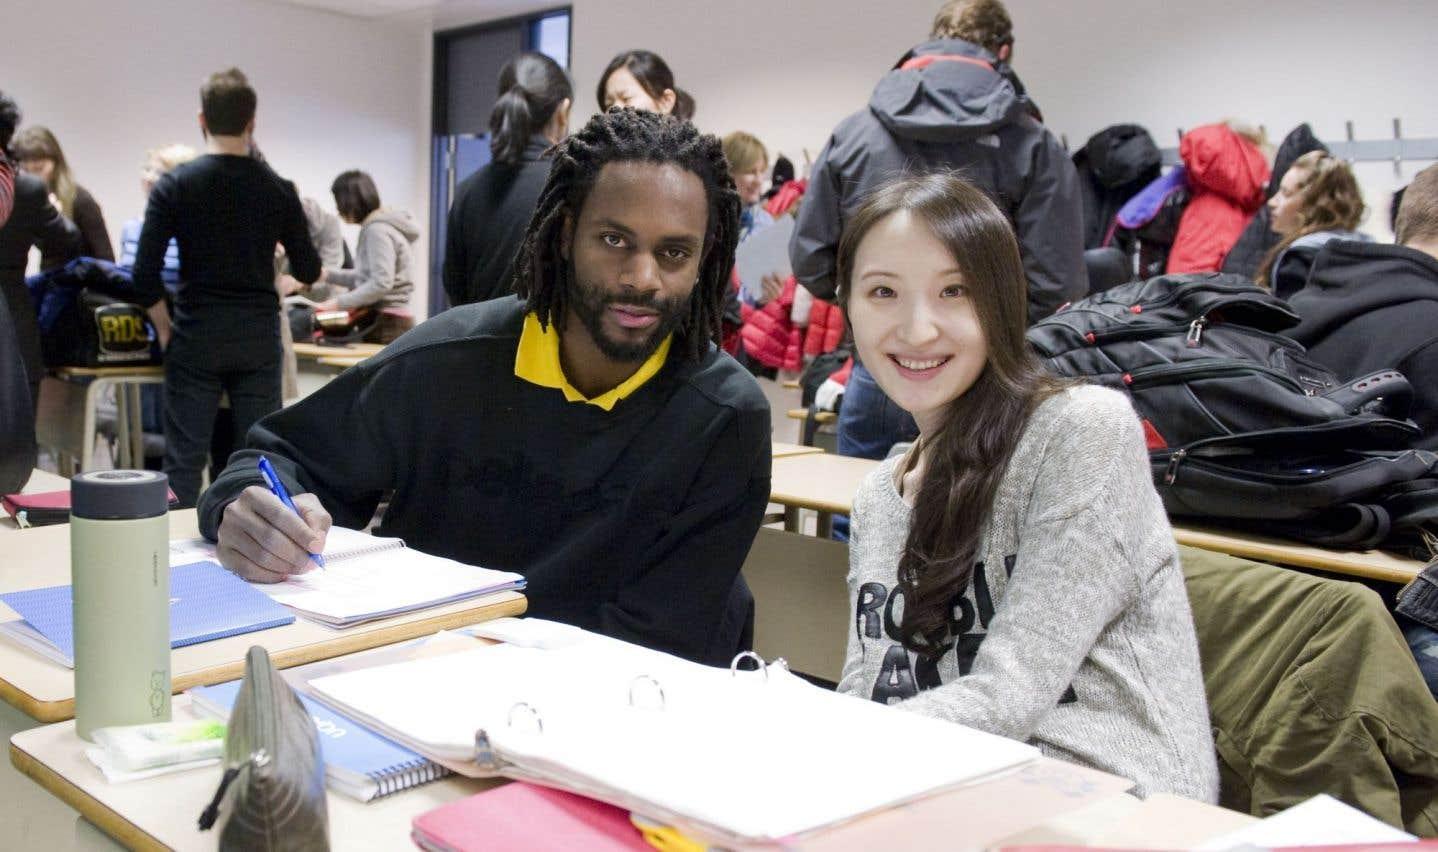 À l'UQAM, l'apprentissage des langues se conjugue désormais avec jumelage interculturel. En effet, des étudiants inscrits au certificat en perfectionnement du français langue seconde sont jumelés avec des étudiants francophones d'autres programmes.